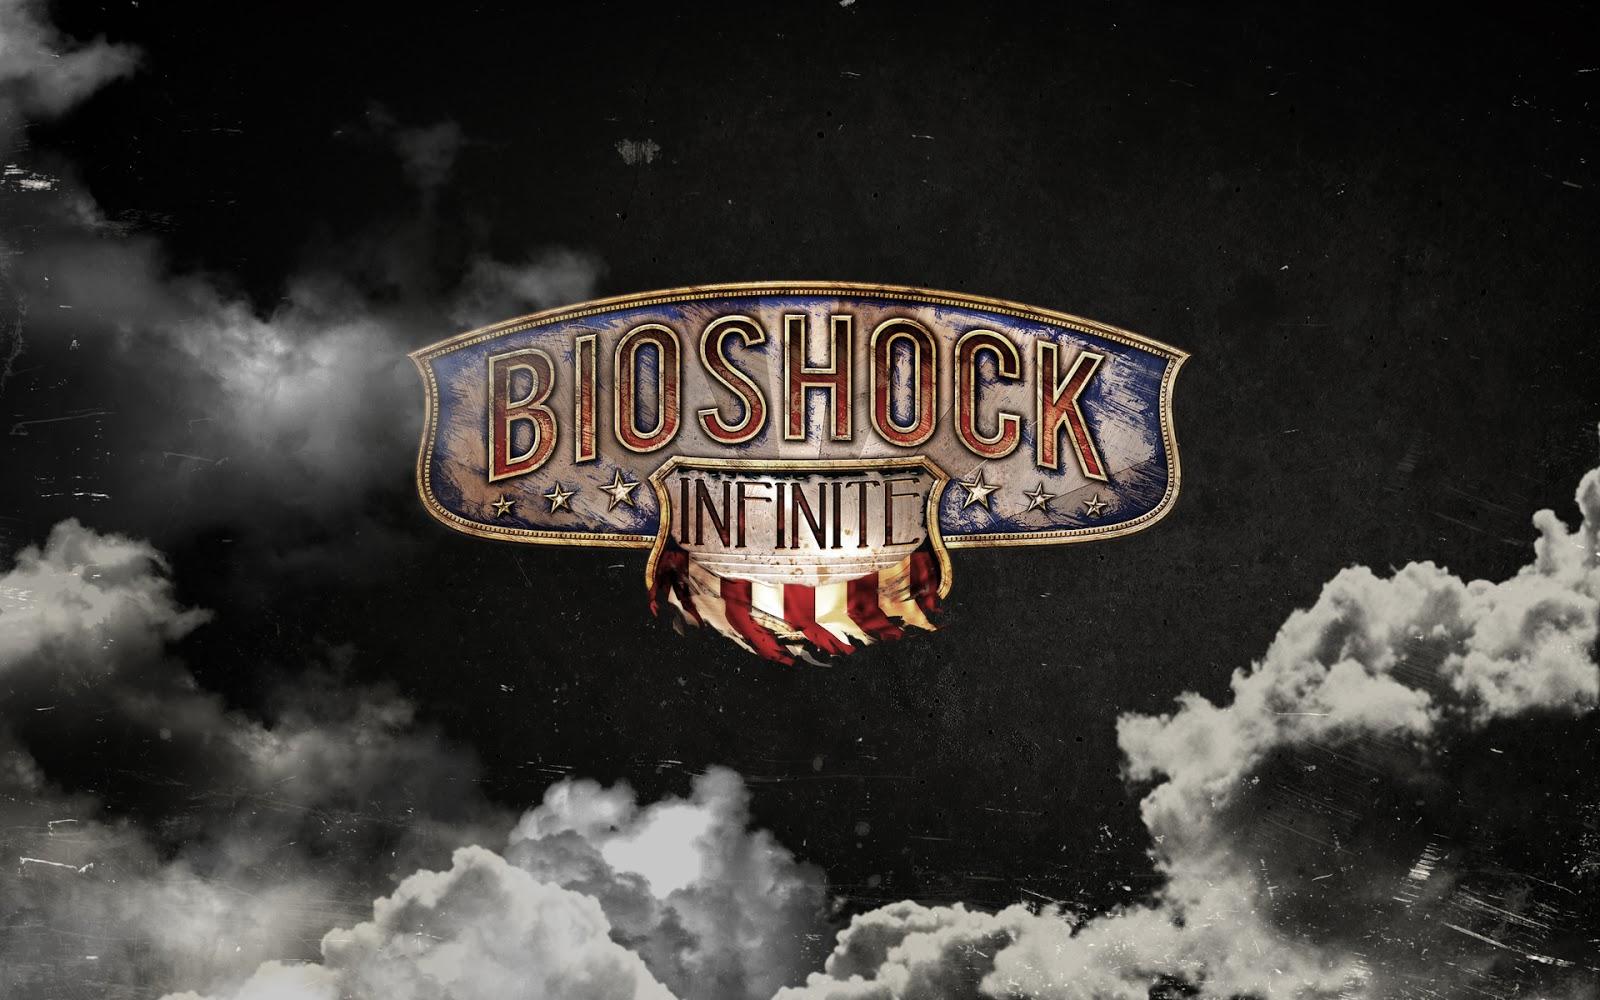 http://3.bp.blogspot.com/-jMgAd-emzyw/UJgGqIvAQcI/AAAAAAAAF0k/HHTarMrEz88/s1600/Bioshock-Infinite-Game-Logo-Design-HD-Wallpaper.jpg